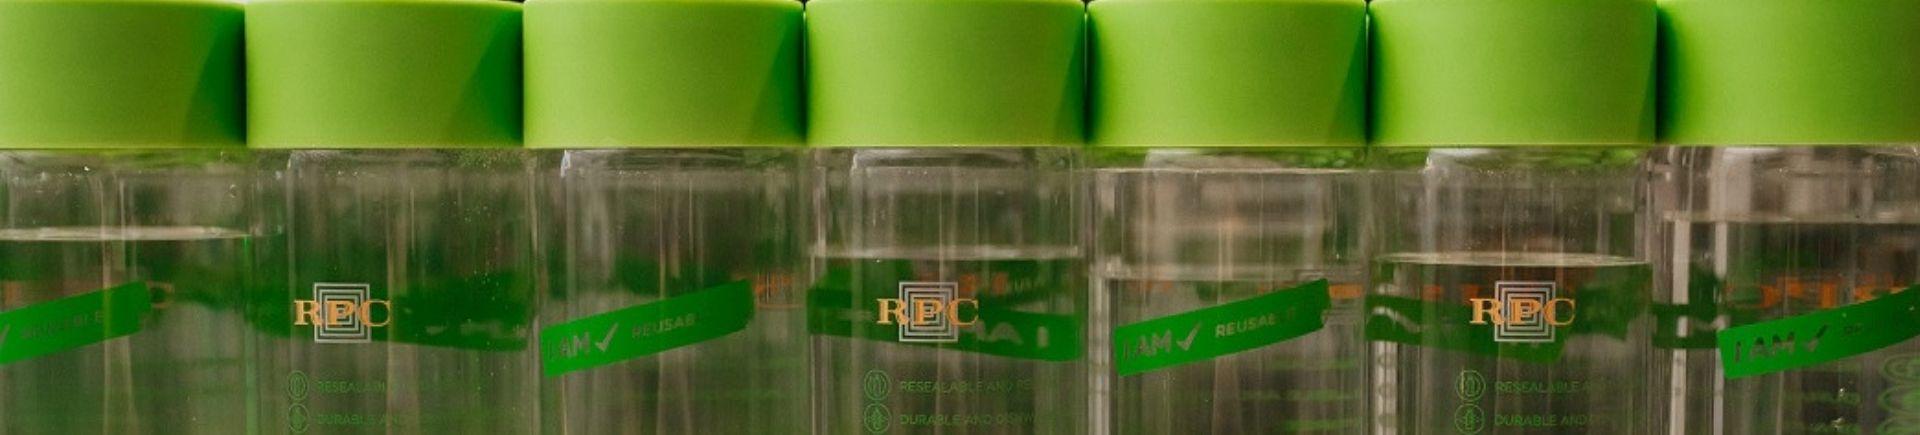 RPC Group-Bottles